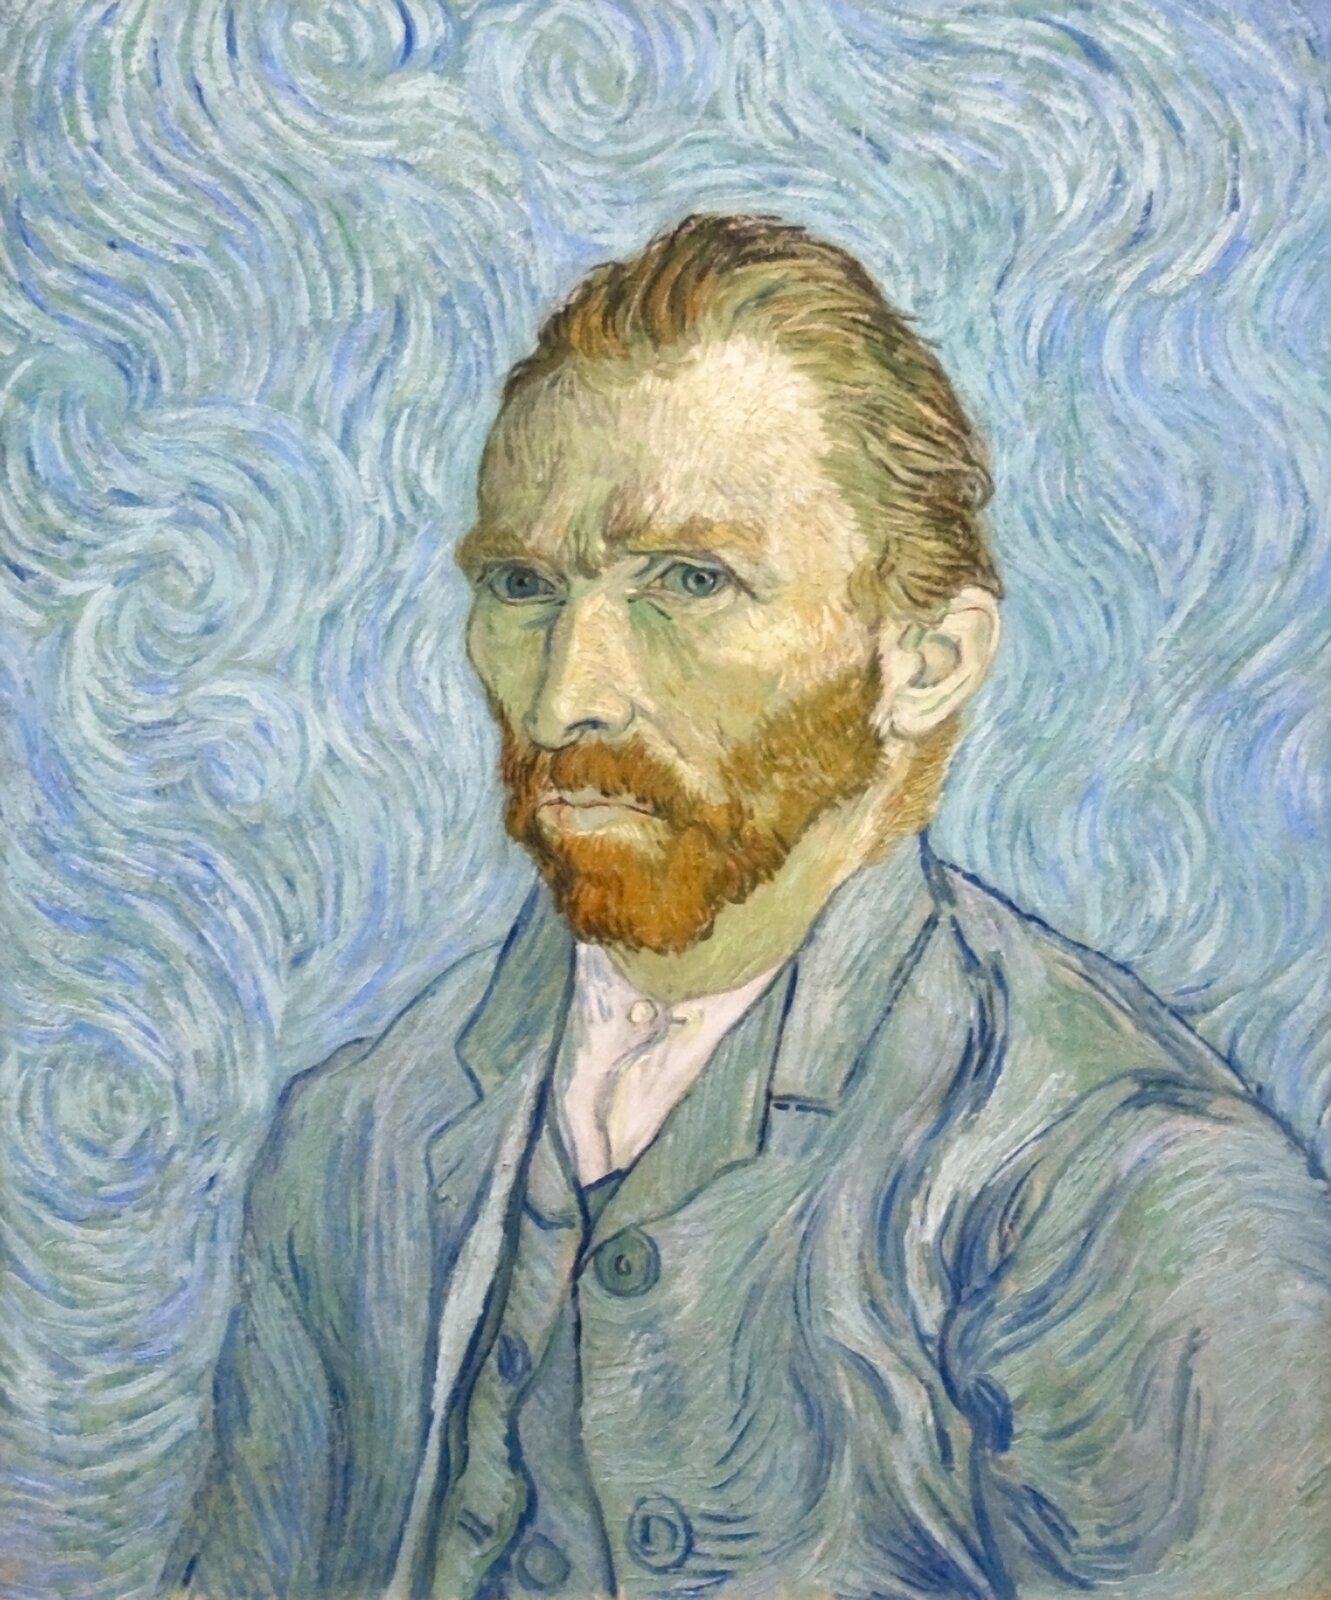 Vincent van Gogh, Autoportret, 1889 Źródło: Szilas, Vincent van Gogh, Autoportret, 1889, olej na płótnie, Musée d'Orsay, Paryż, licencja: CC 0.